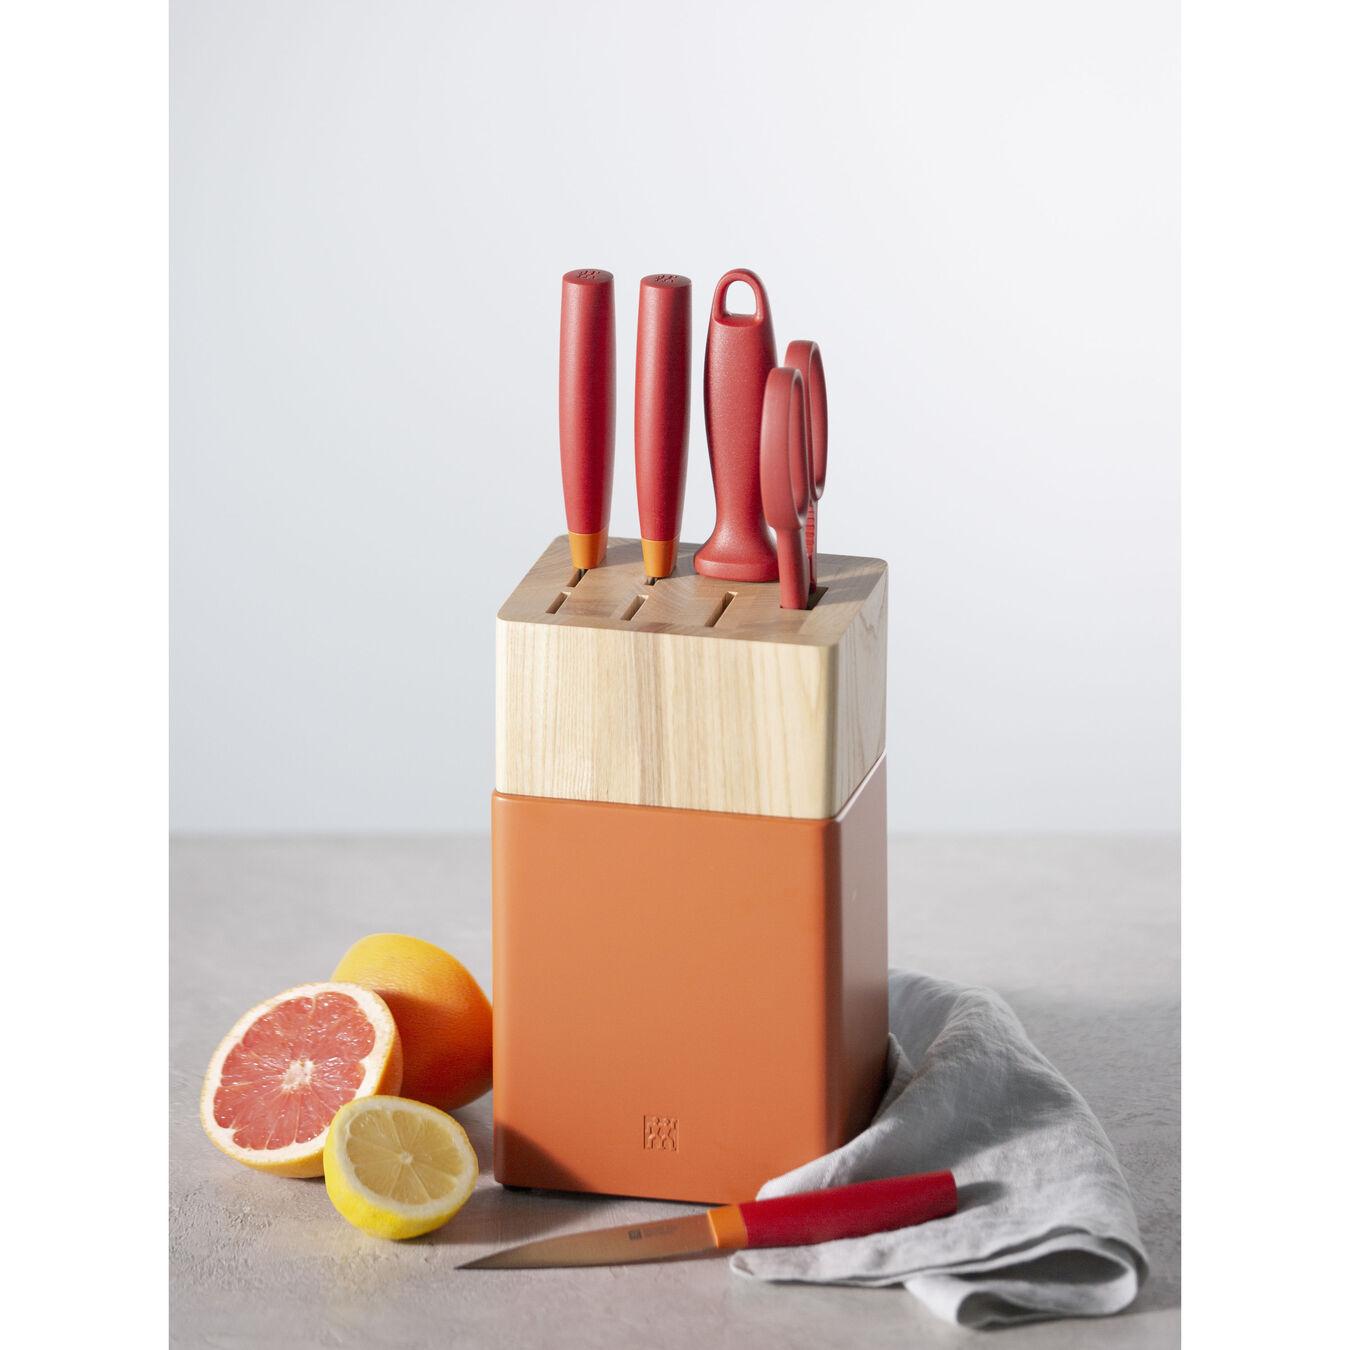 6-pc, Z Now S Knife Block Set, orange,,large 4